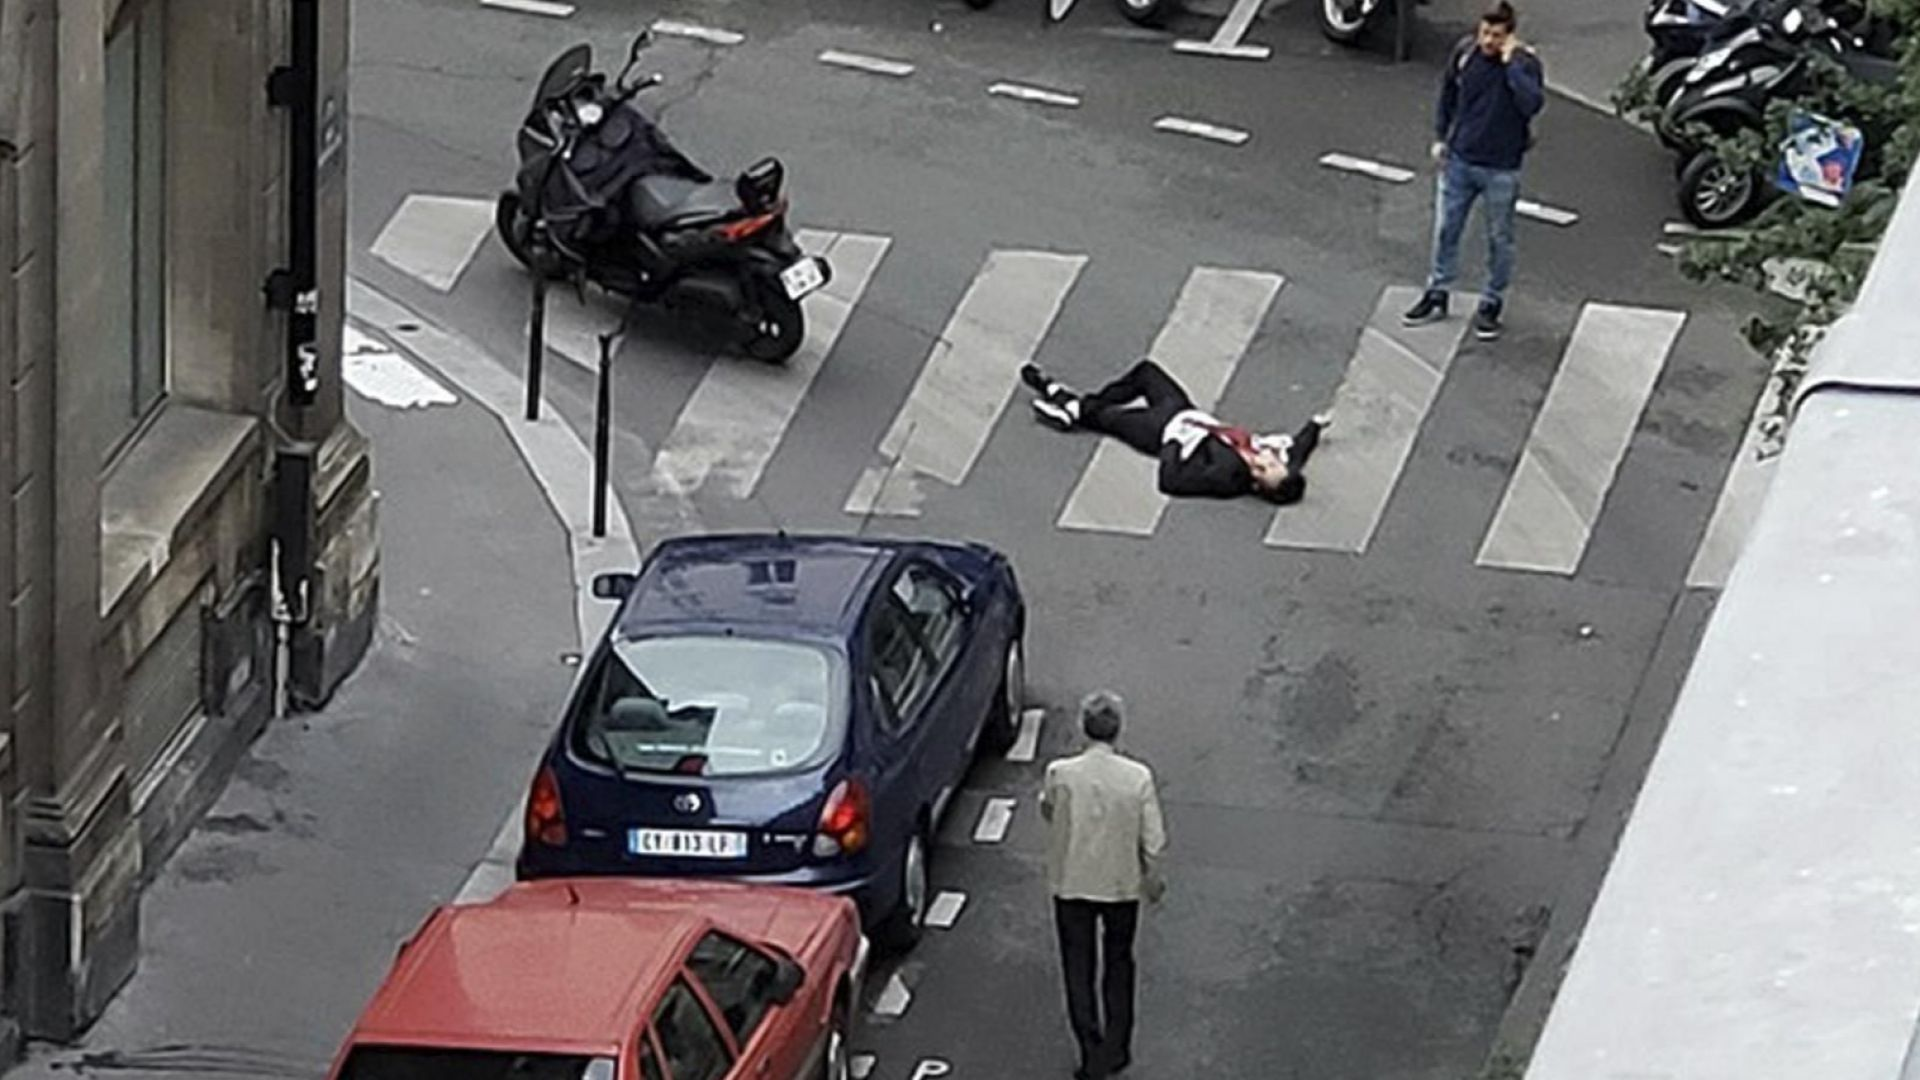 Името на парижкия терорист от чеченски произход е Хамзат Азимов